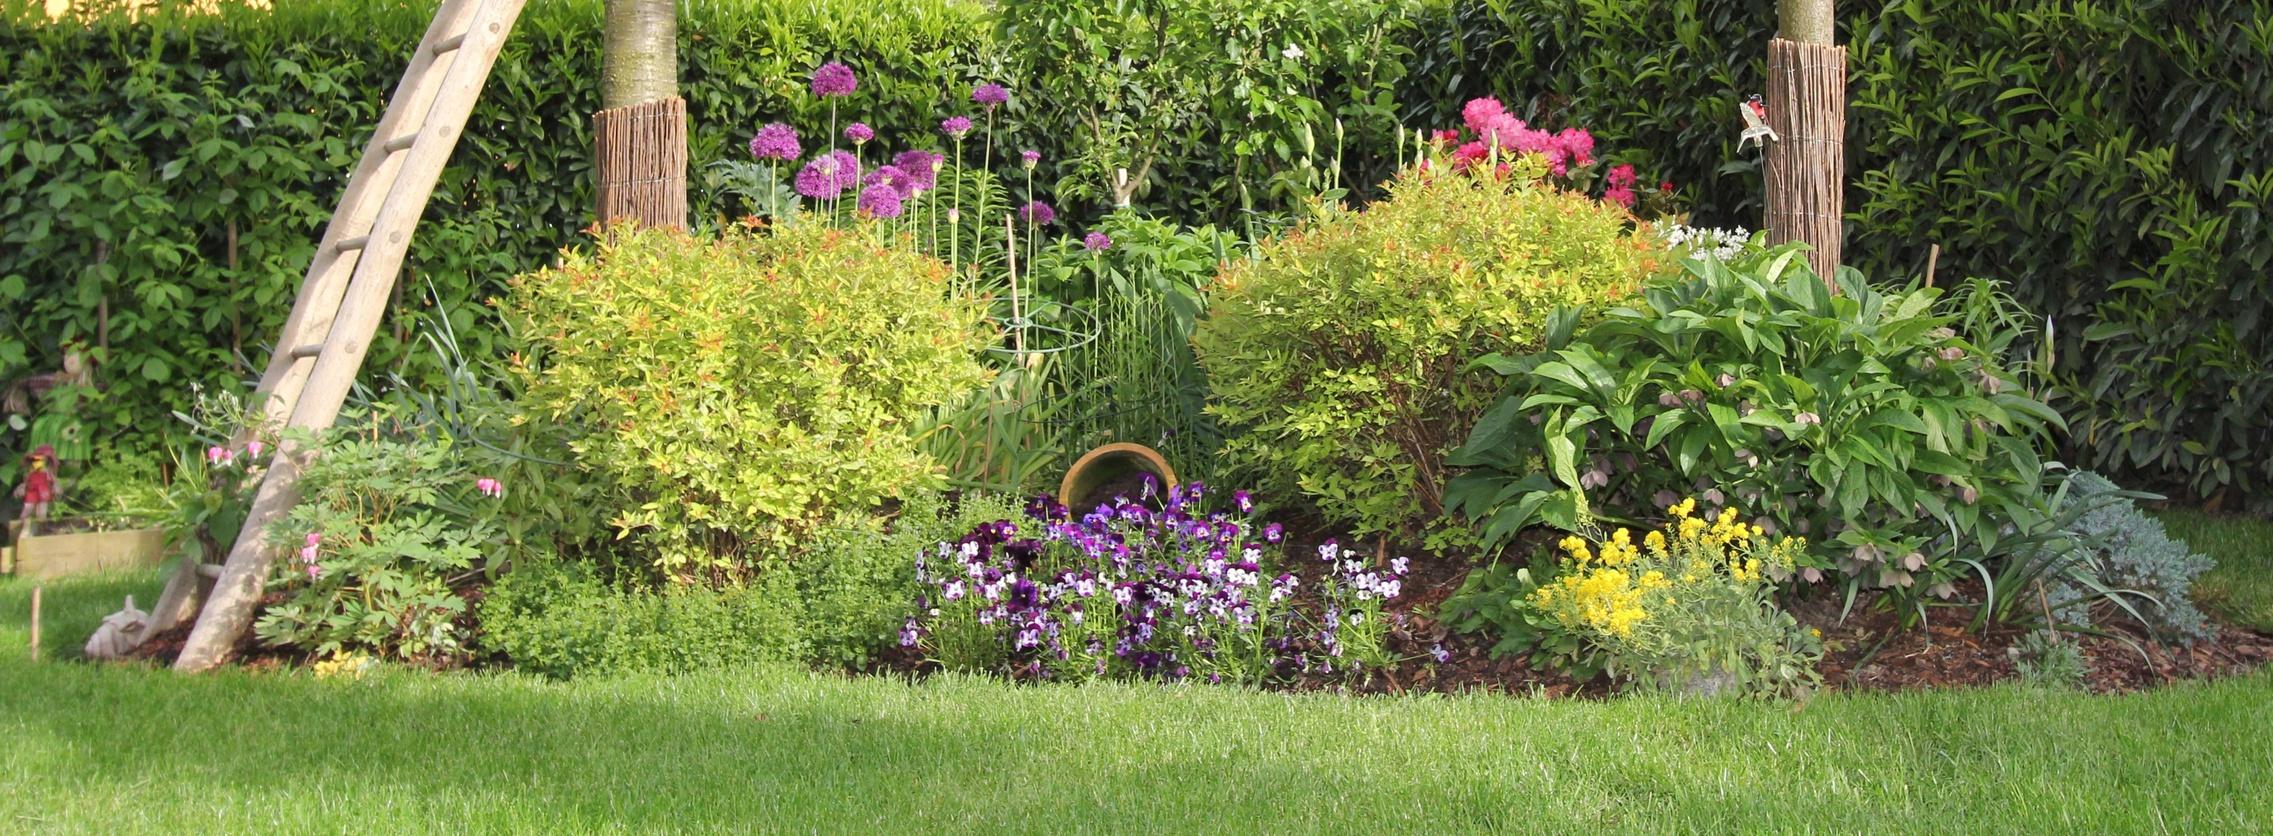 J utilise un carnet de jardin les conseils pour votre for Willemse jardin